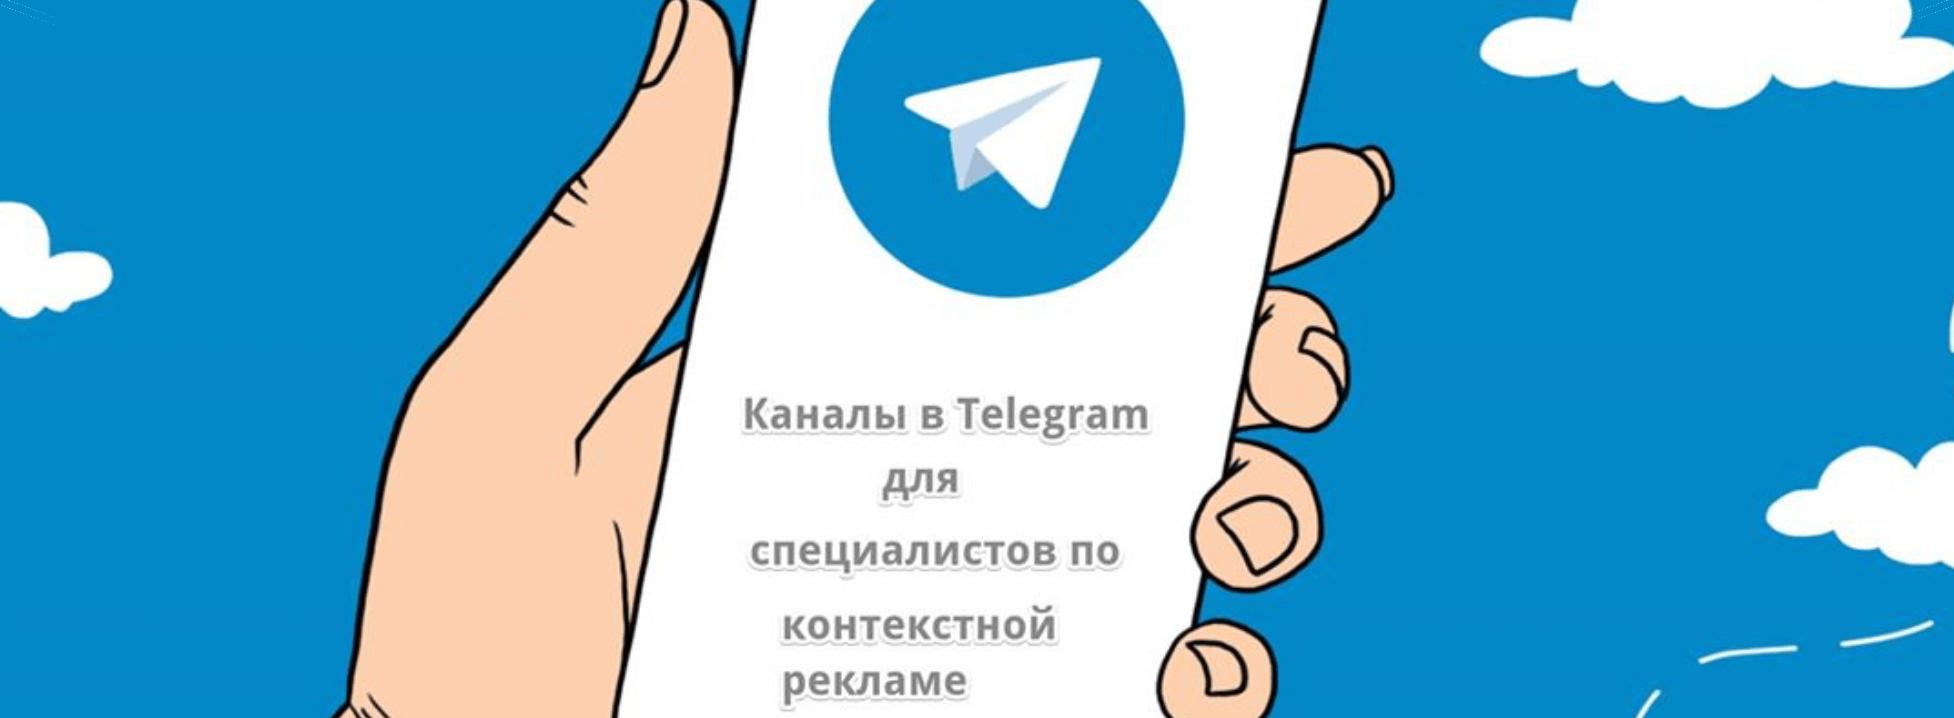 Список Михальченко: каналы в Telegram